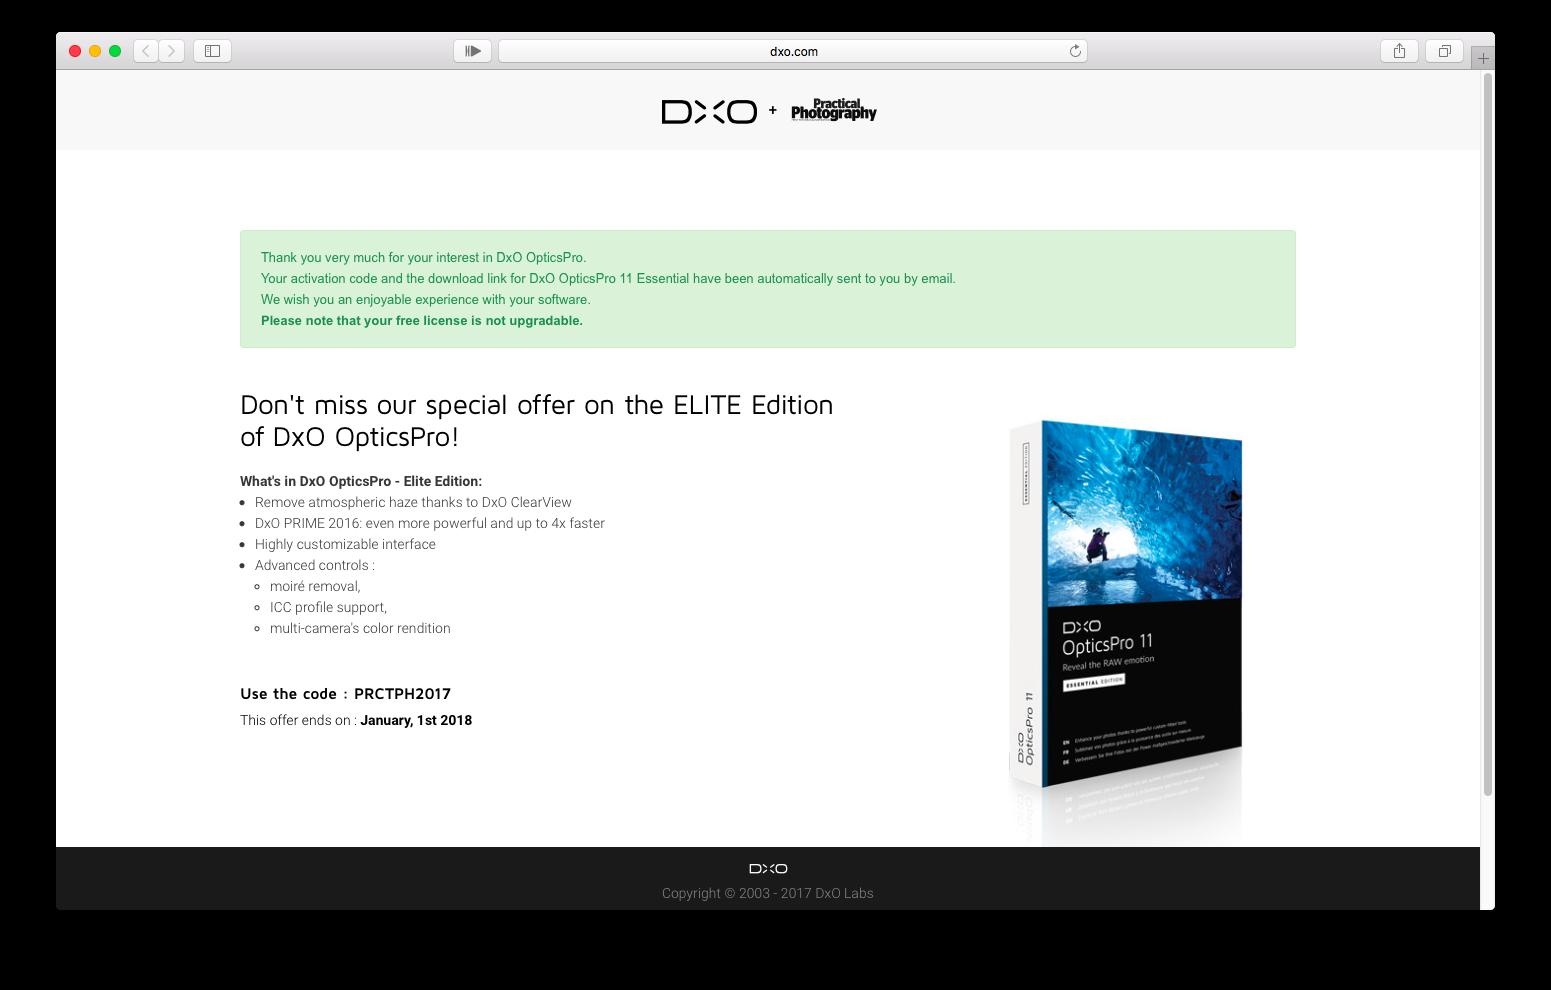 免PhotoShop、DxO軟體限免、繪圖軟體限免、限時免費、DxO限時免費、去噪技術